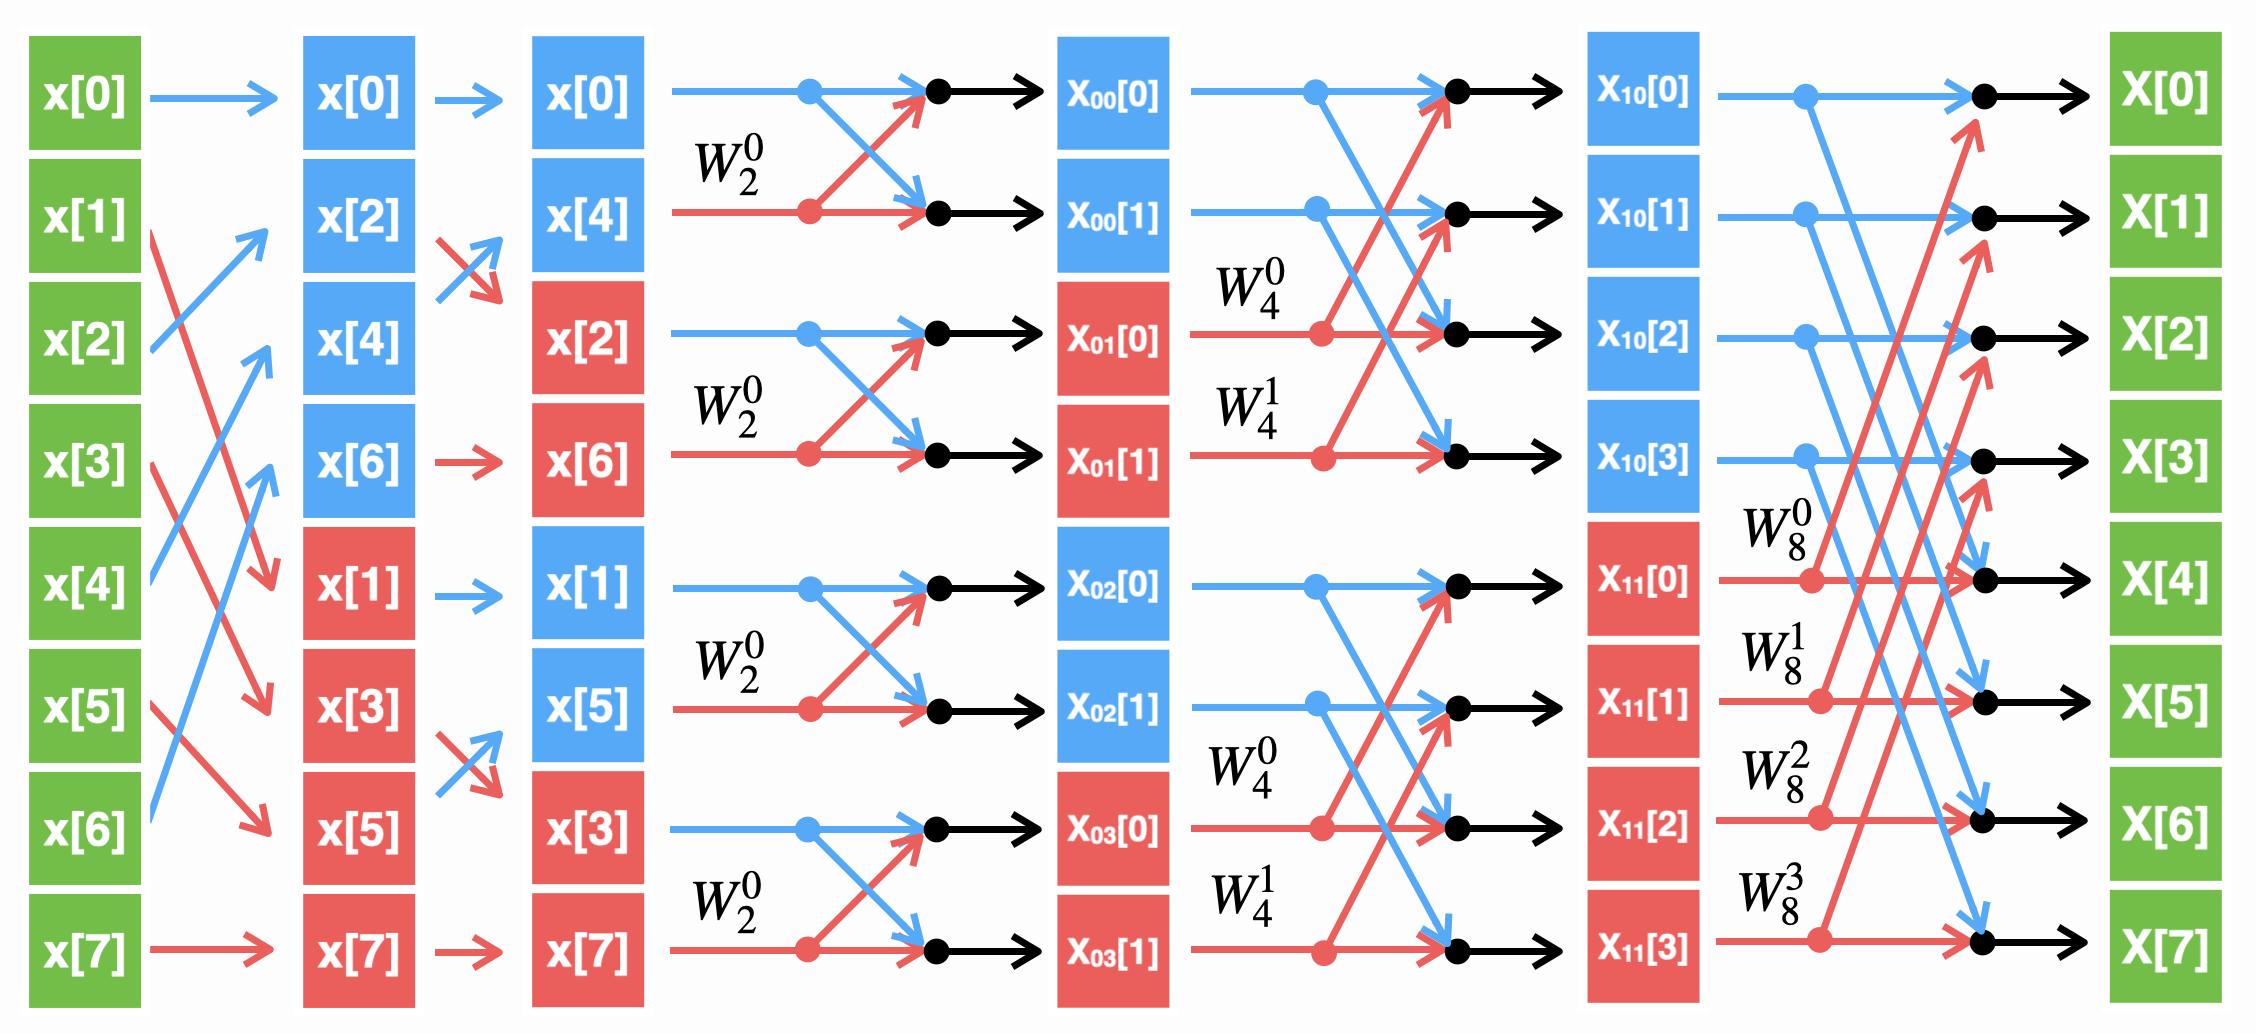 Алгоритм БПФ с прореживанием по времени для N=8